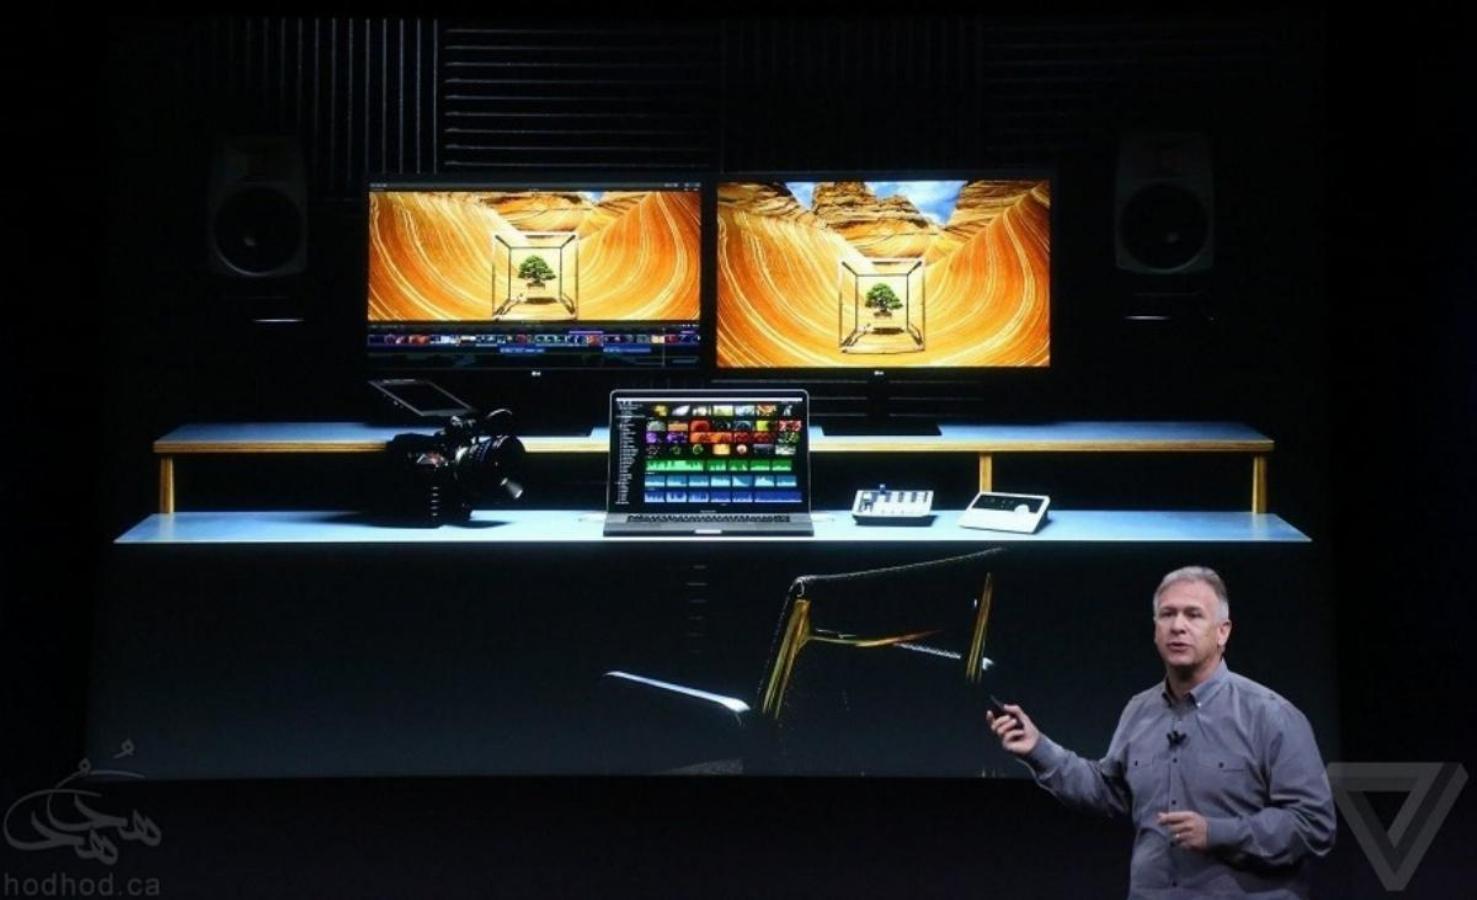 تولد دوباره مک بوک پرو، آنچه می خواهید درباره پیشرفته ترین محصول اپل بدانید